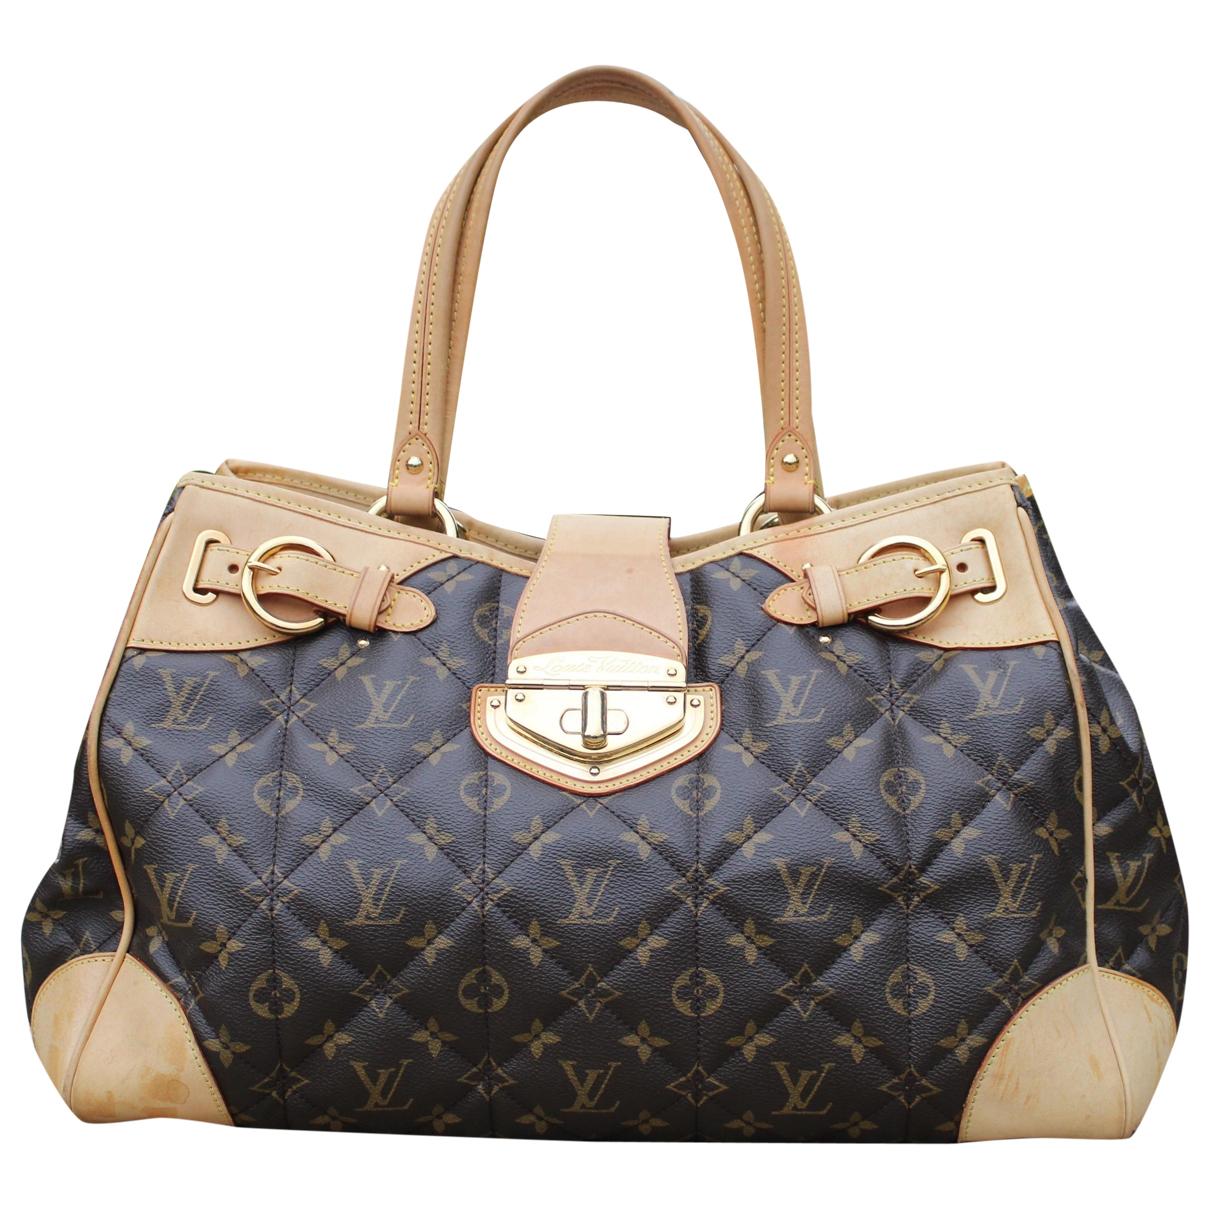 Louis Vuitton - Sac a main Etoile pour femme en toile - marron